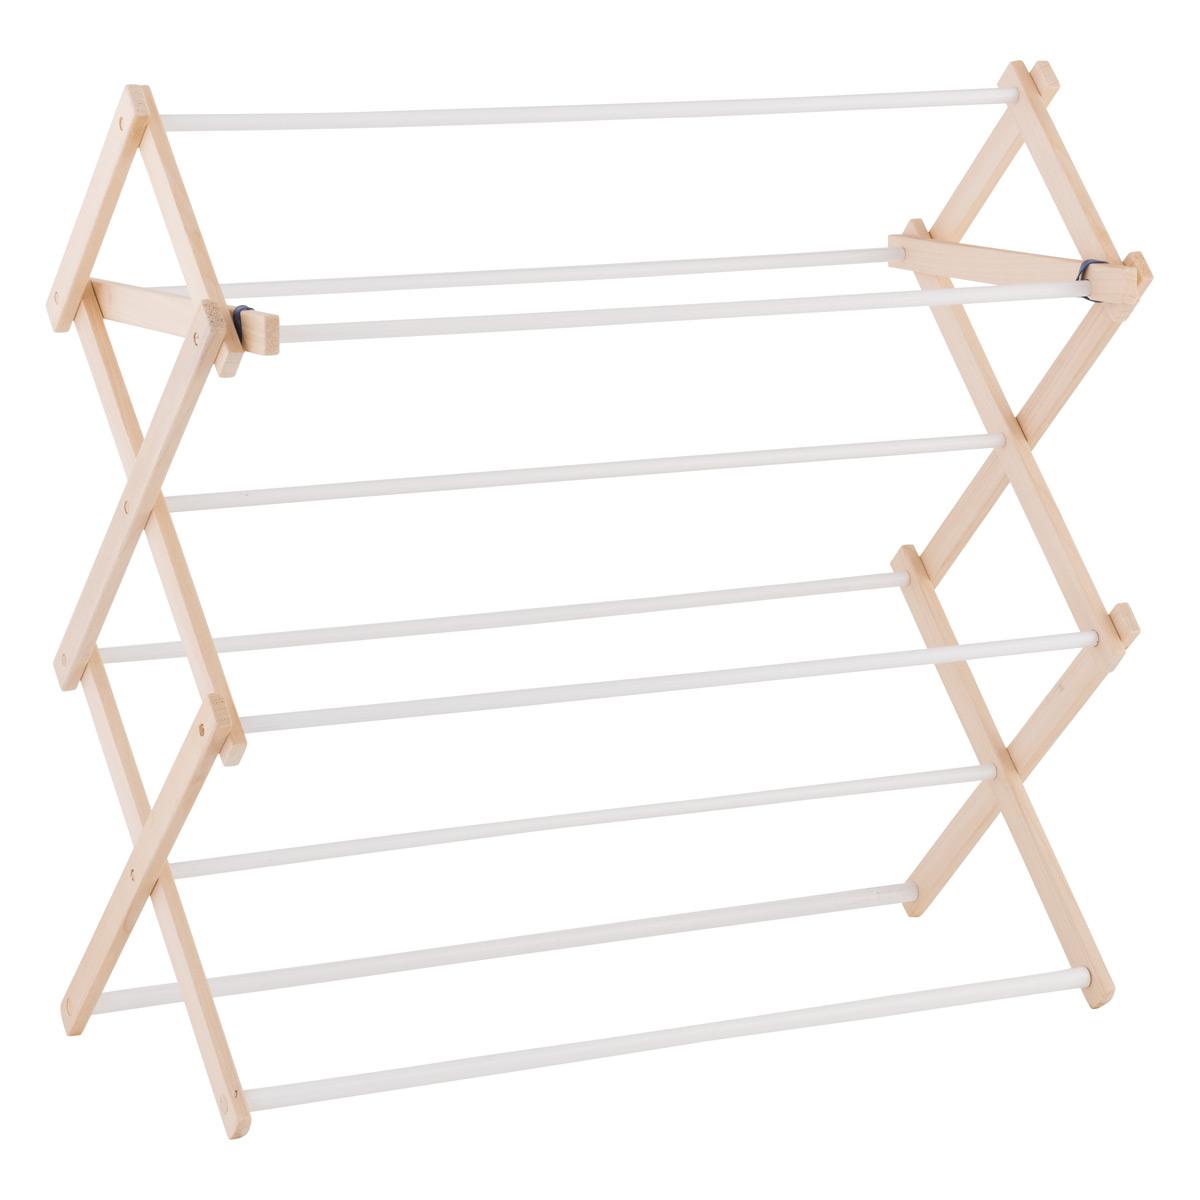 & Floor Drying Rack